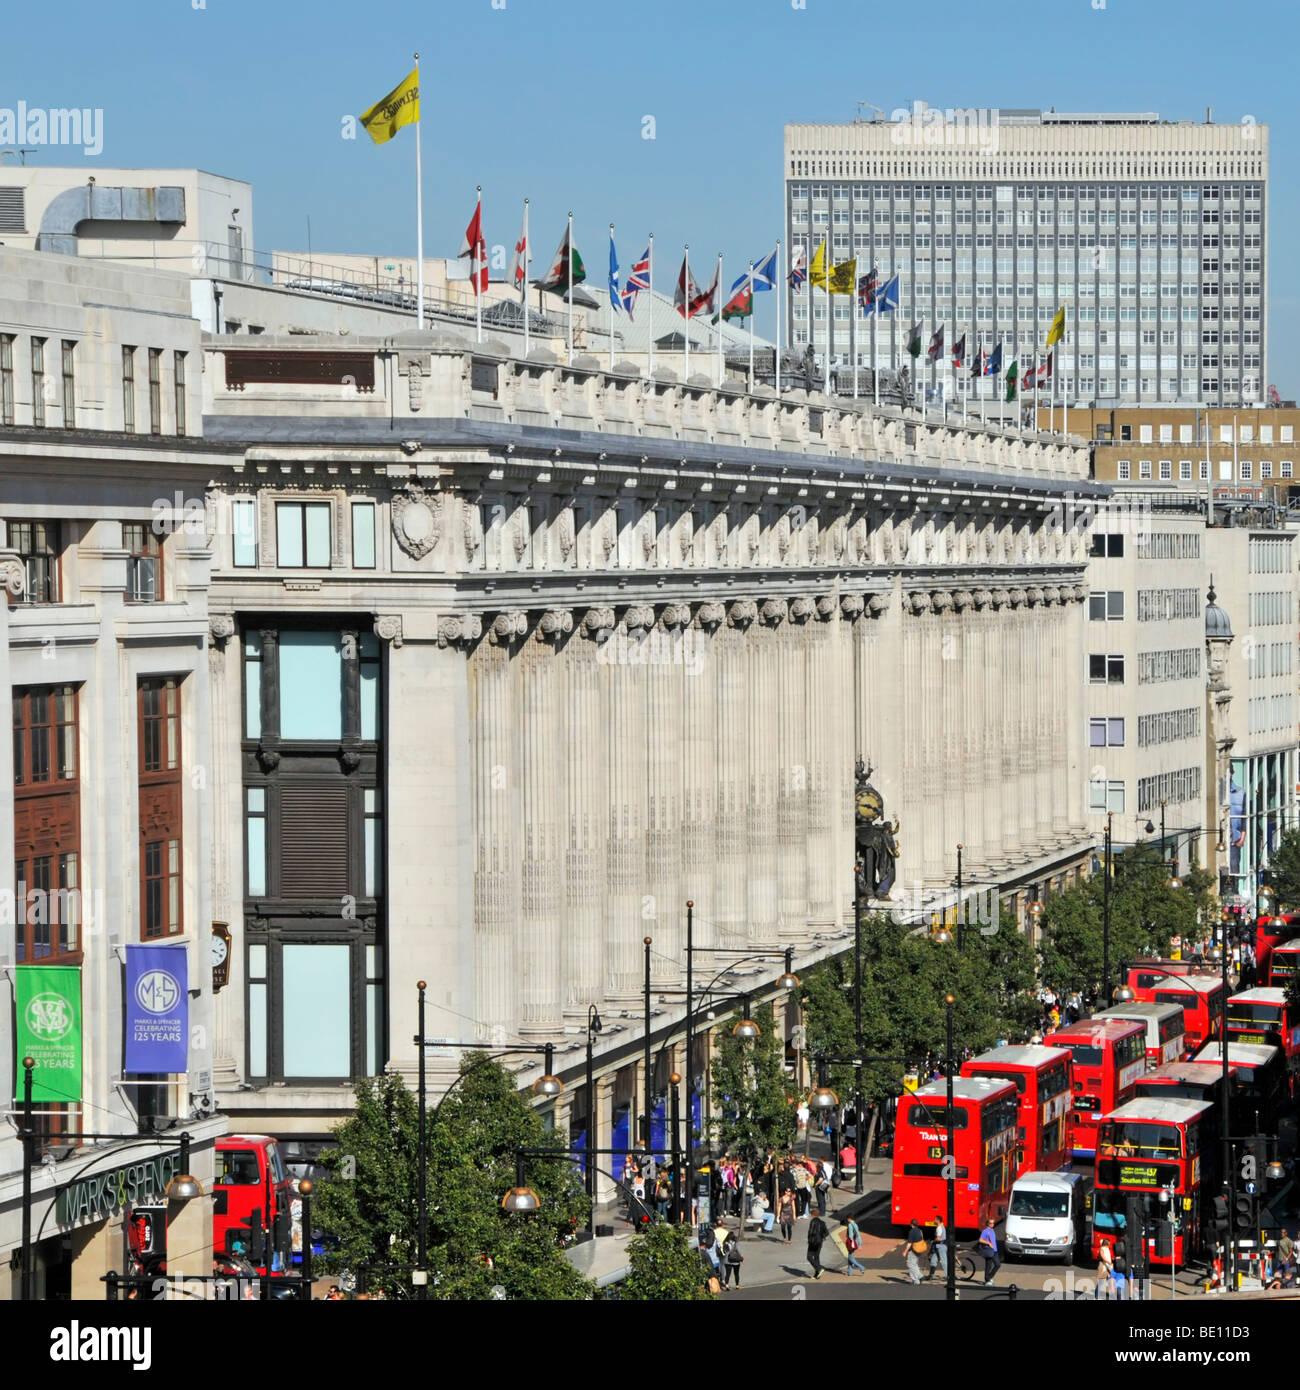 Oxford Street fachada de los grandes almacenes Selfridges con banderas ondeando en el techo de nivel superior y Imagen De Stock